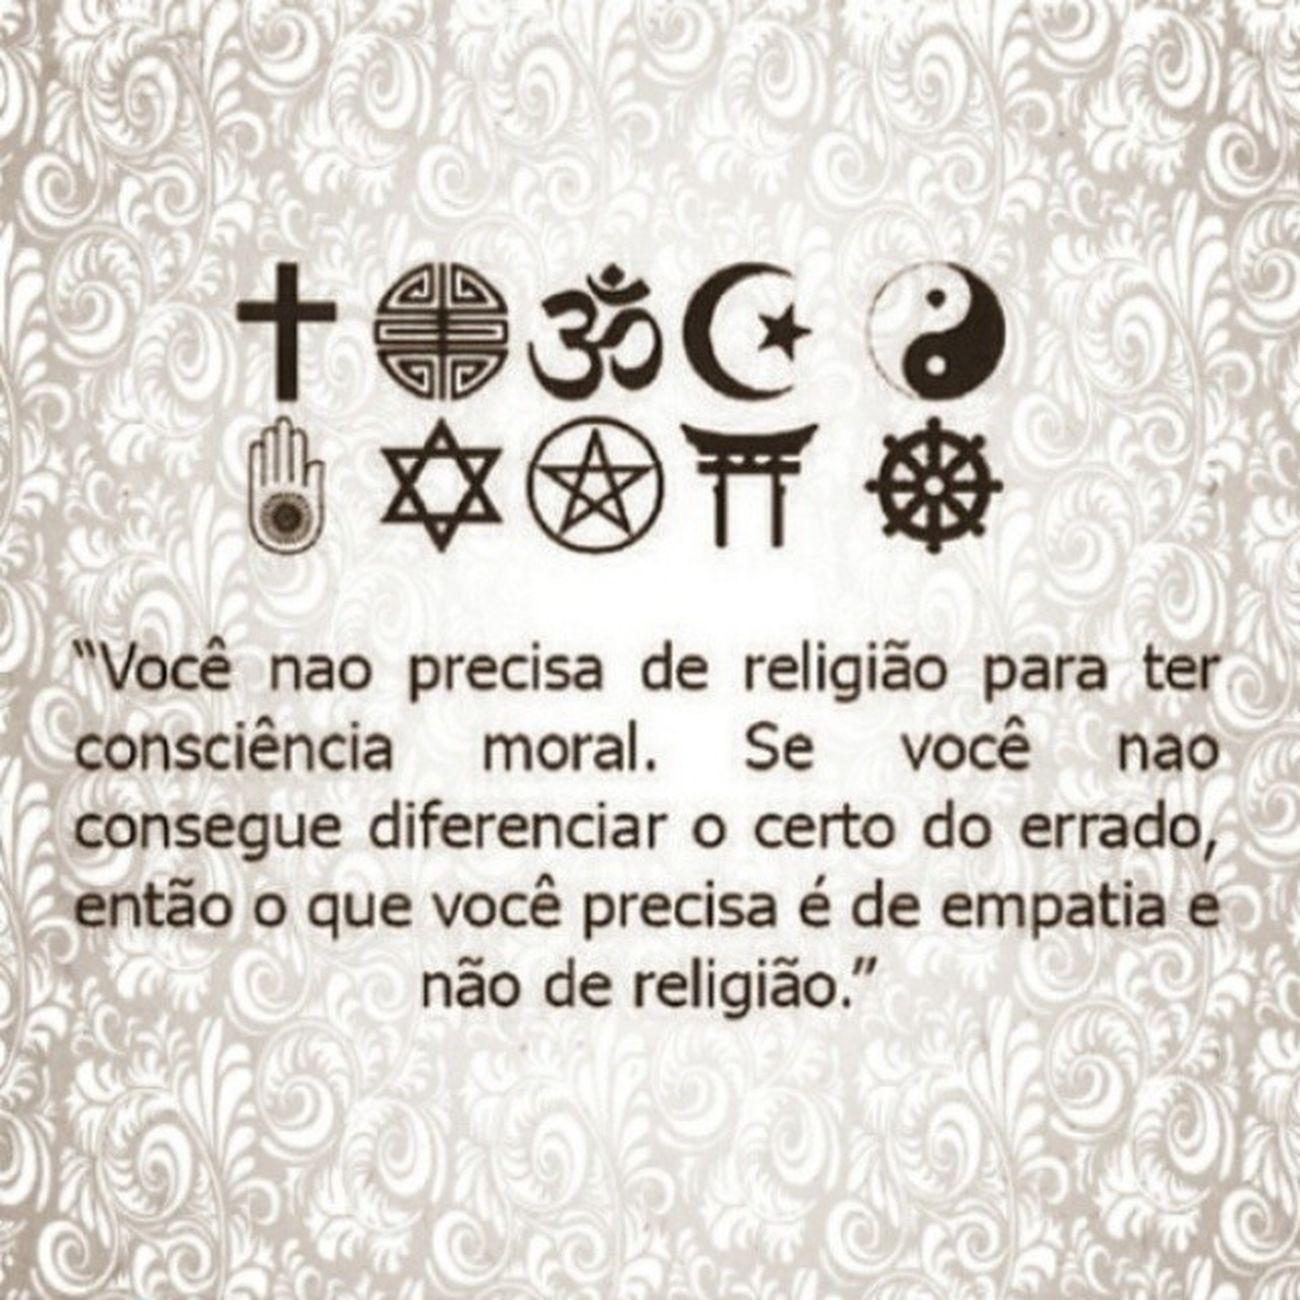 Religi ão Frases Frase Cita ções citação books book livros livro vibes brazil bsb df love